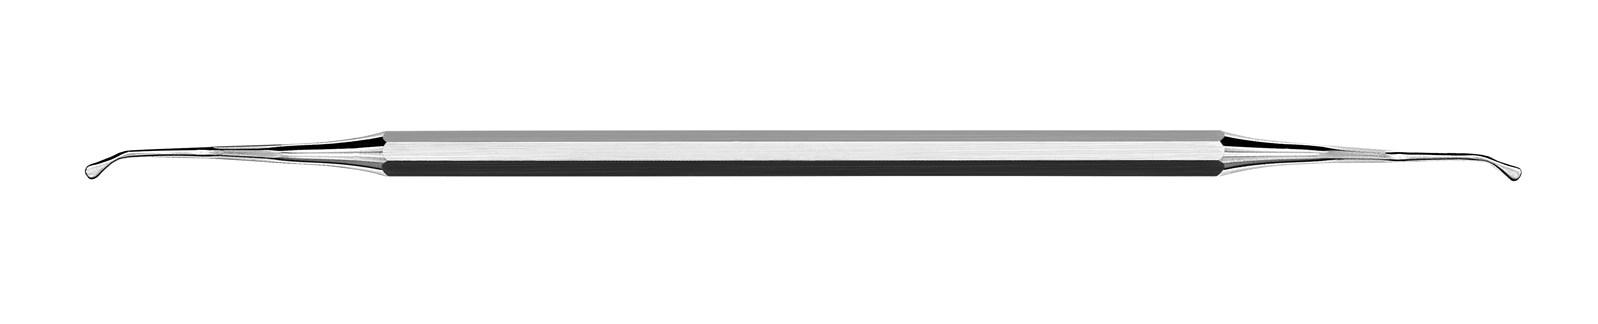 Nůž pro tunelovou techniku - TKP, ADEP žlutý